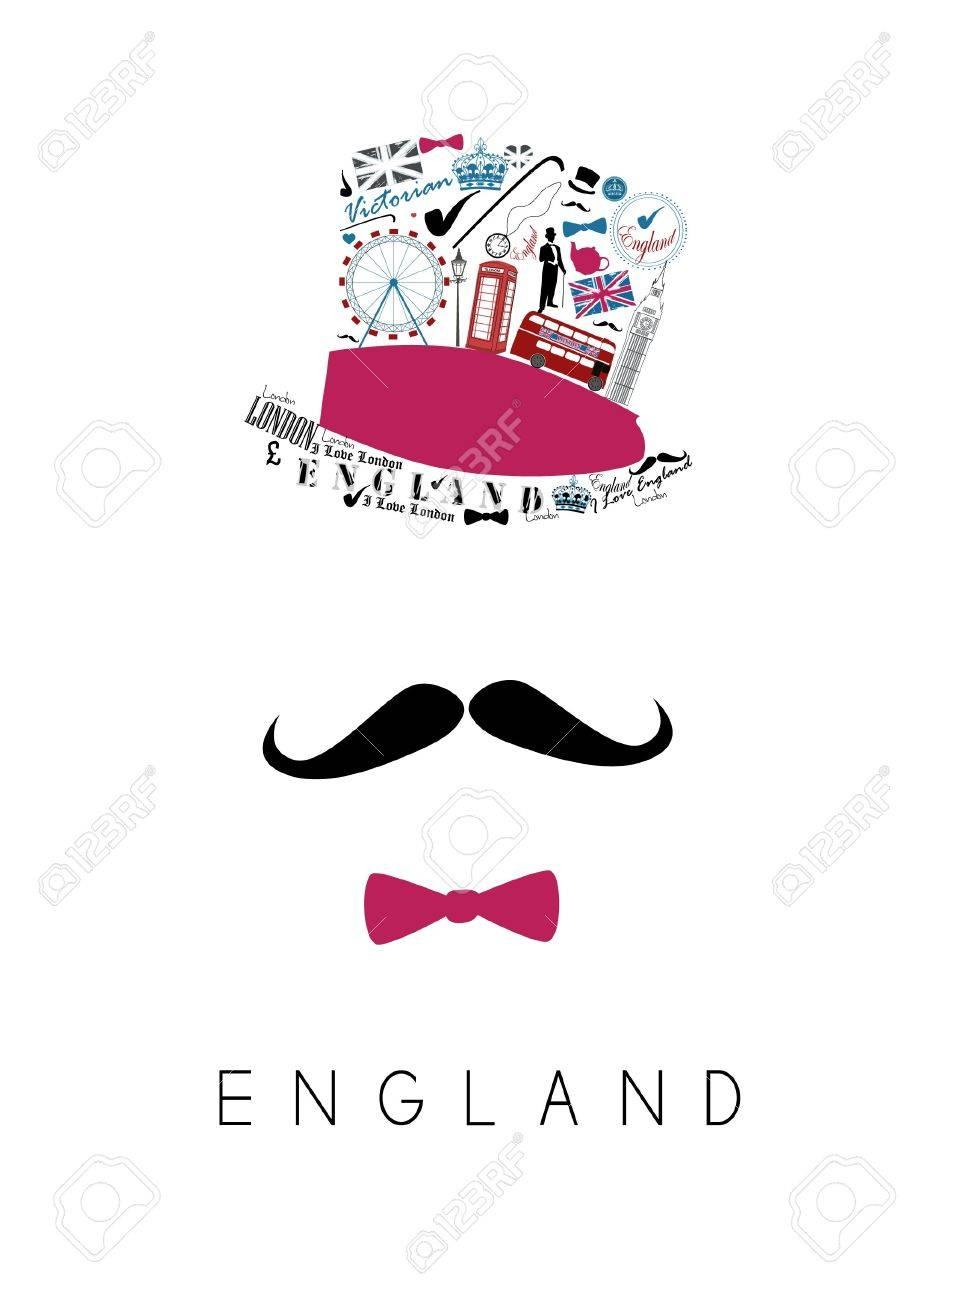 mustache man - 20583980